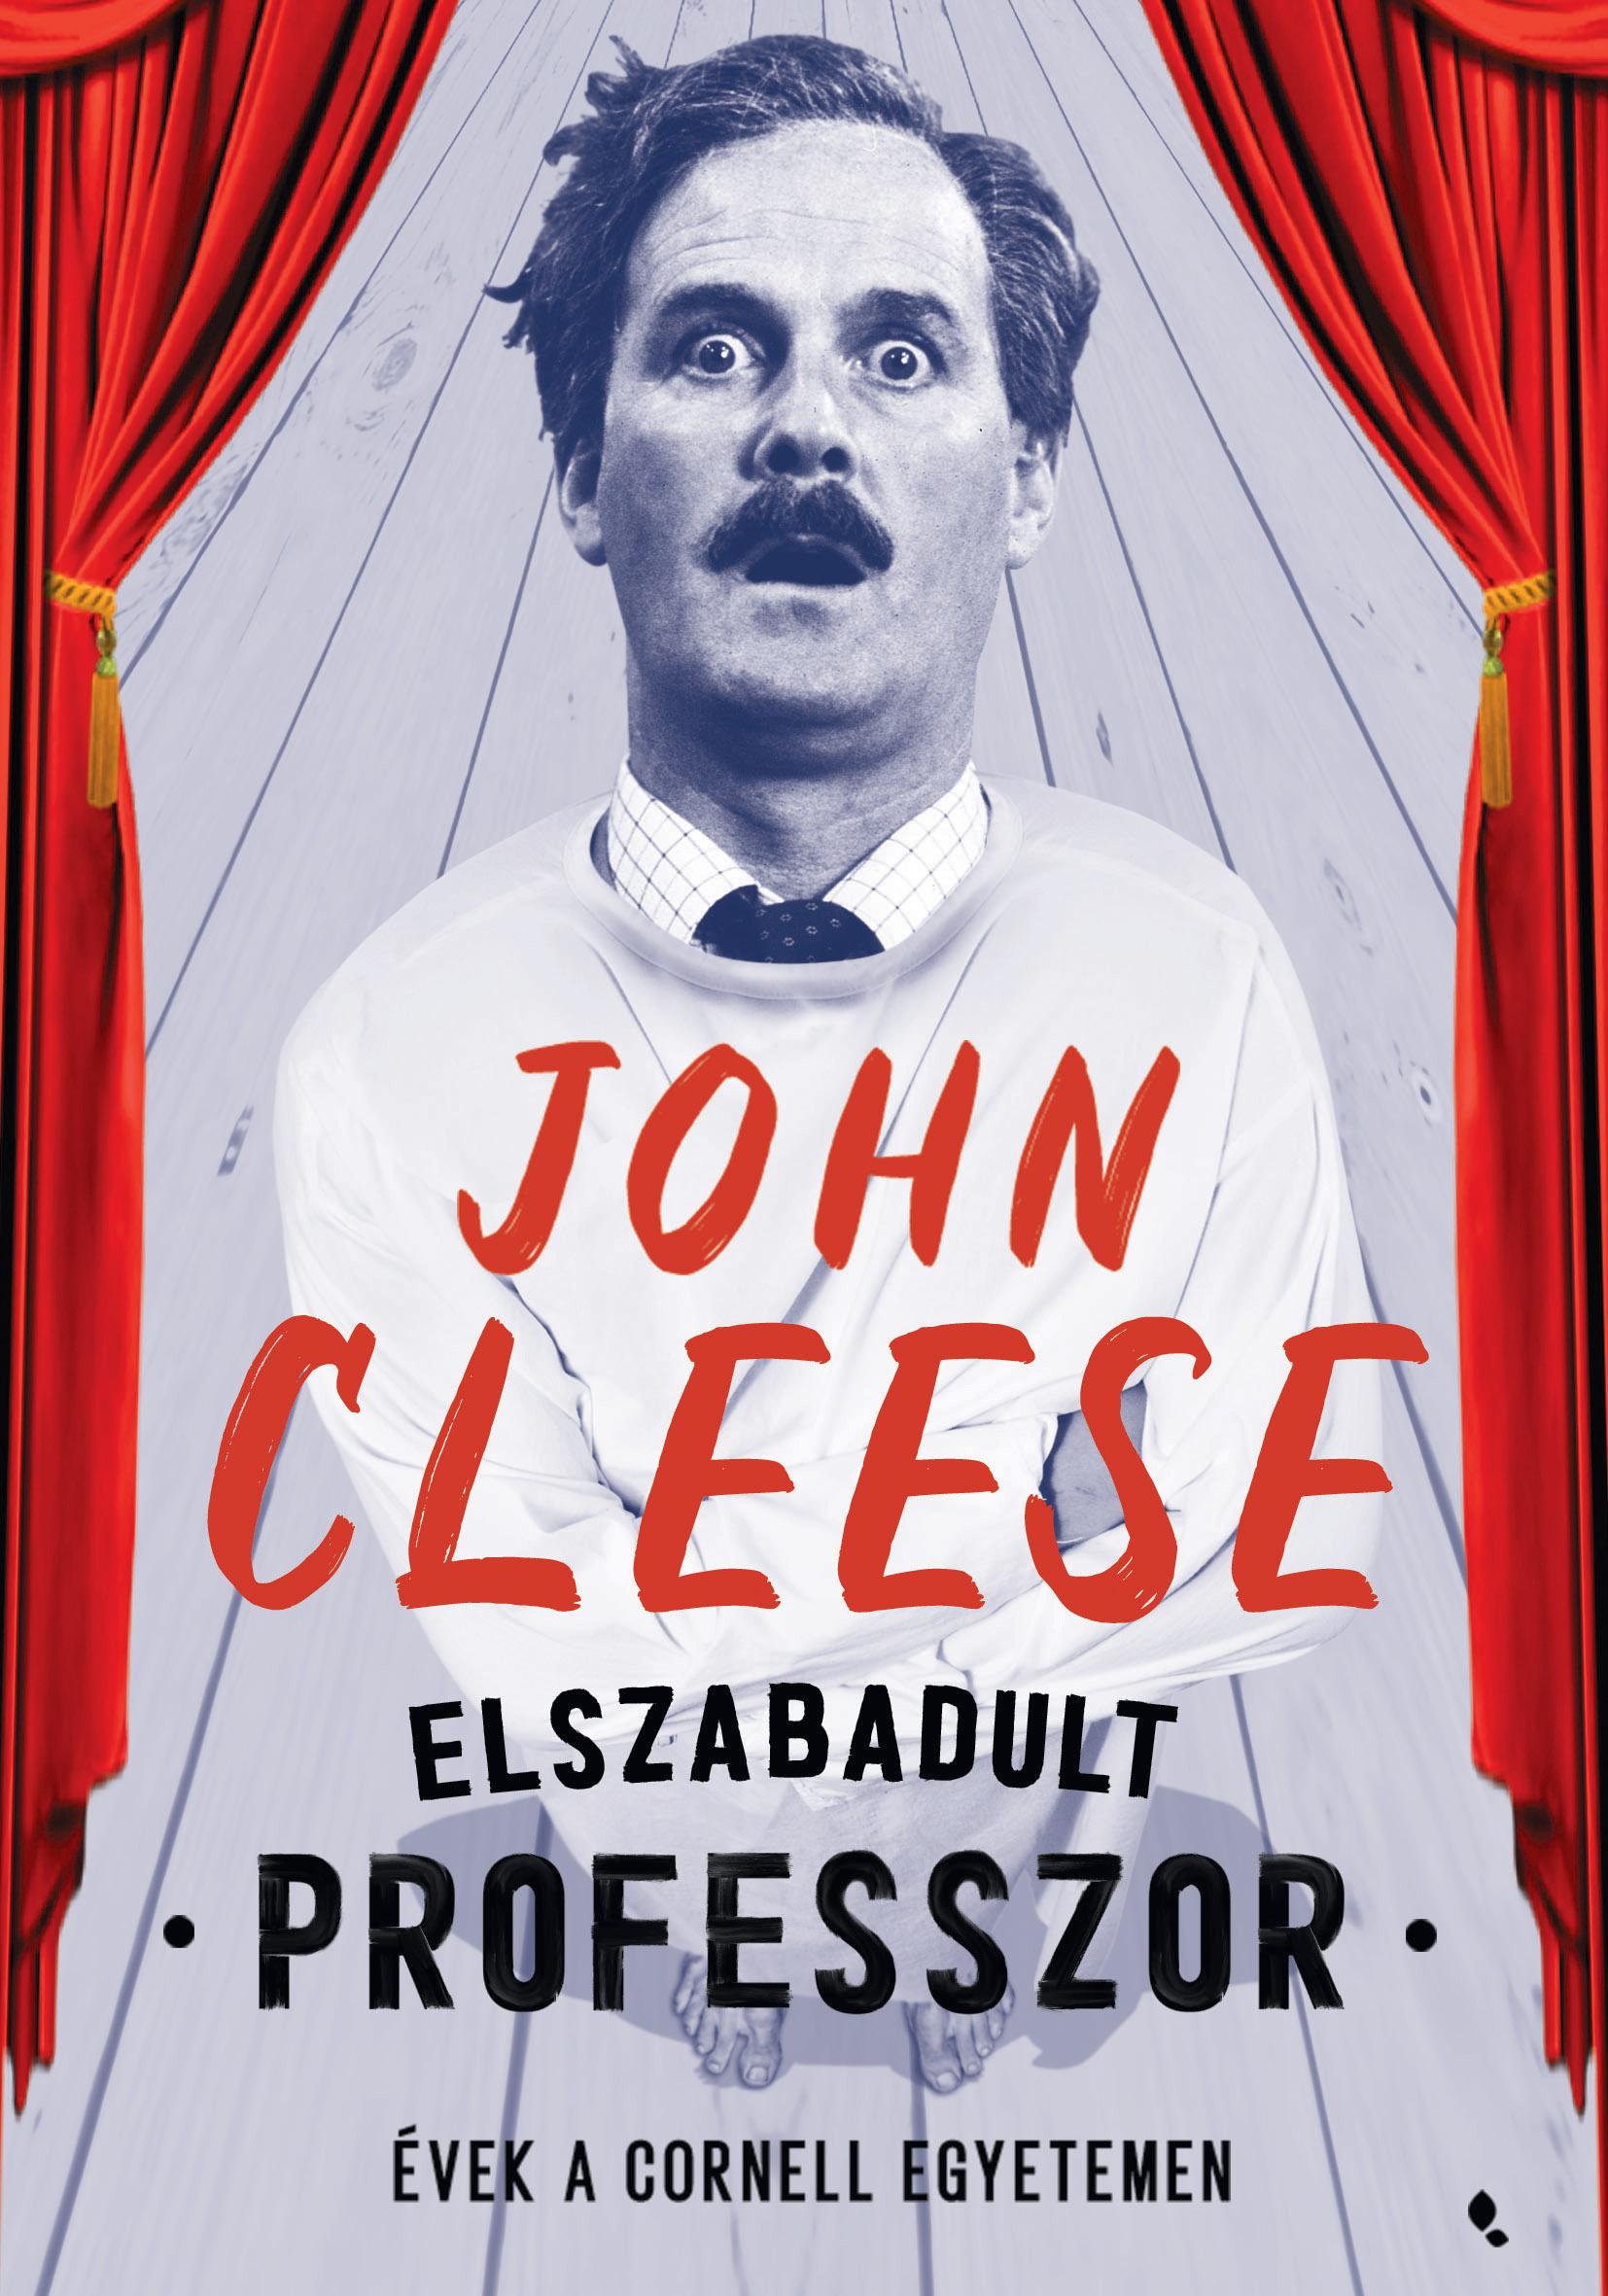 John Cleese - Elszabadult professzor